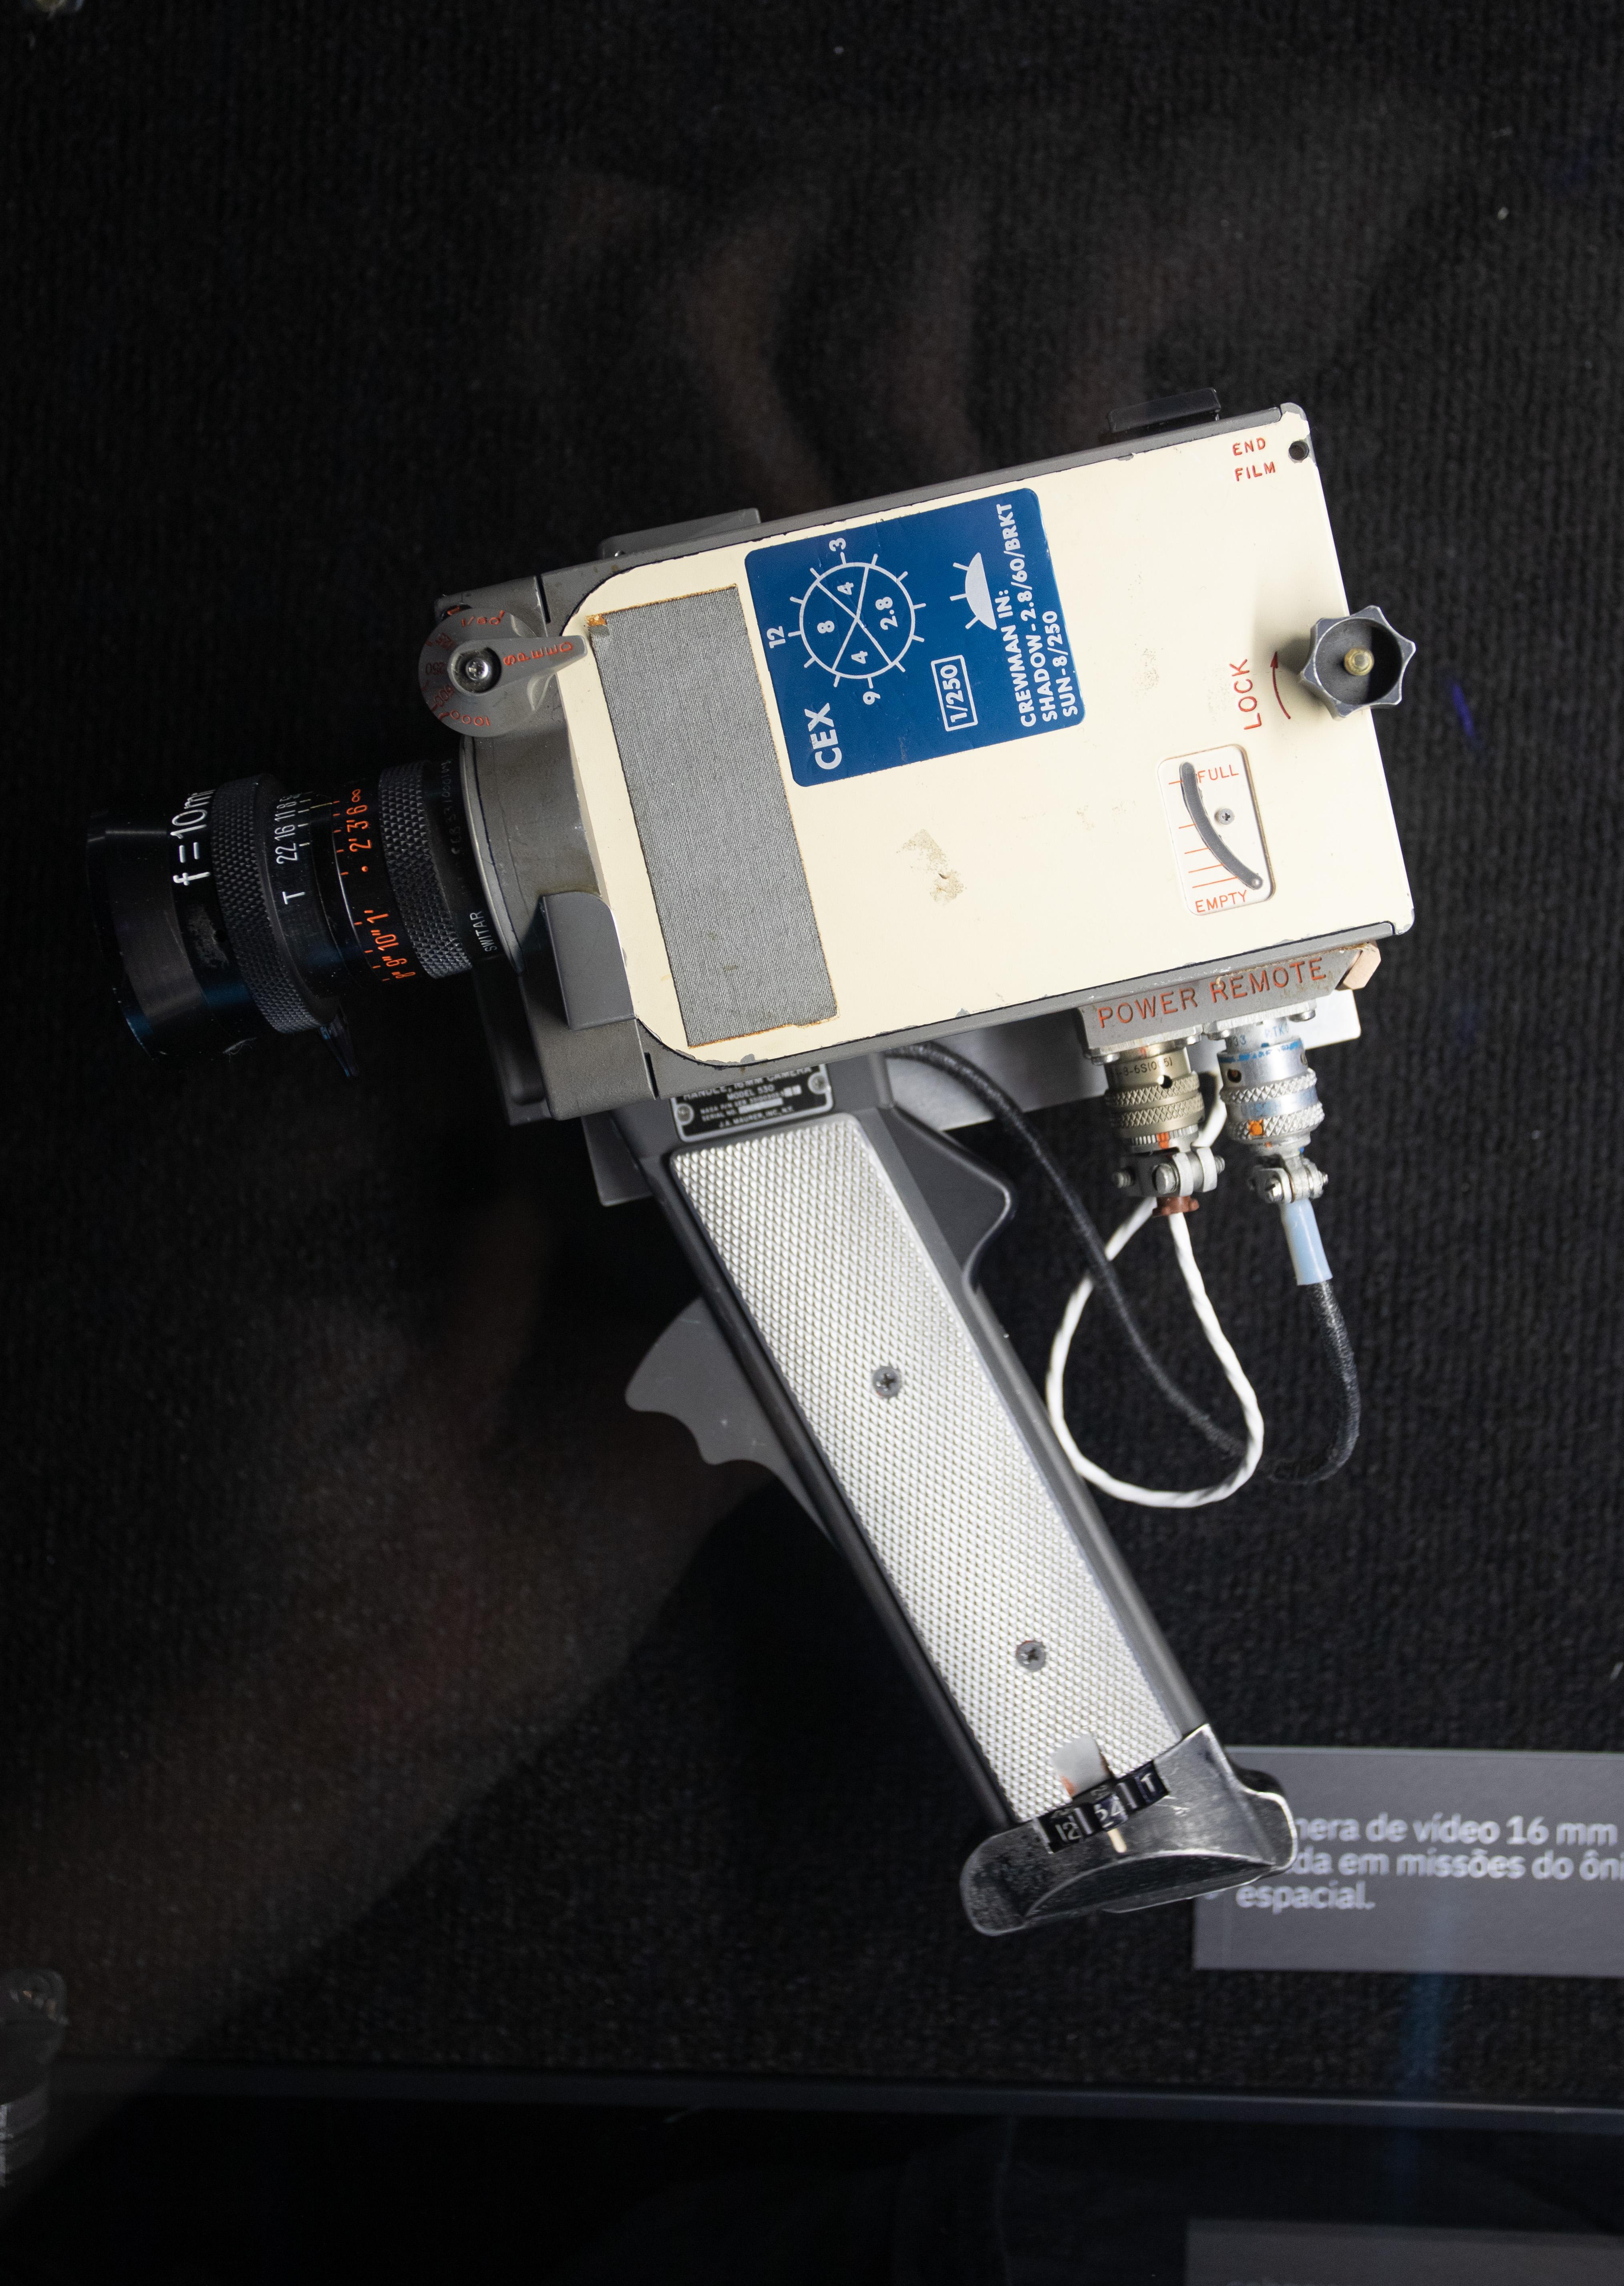 Câmera usada em missão espacial aparece em fundo preto.